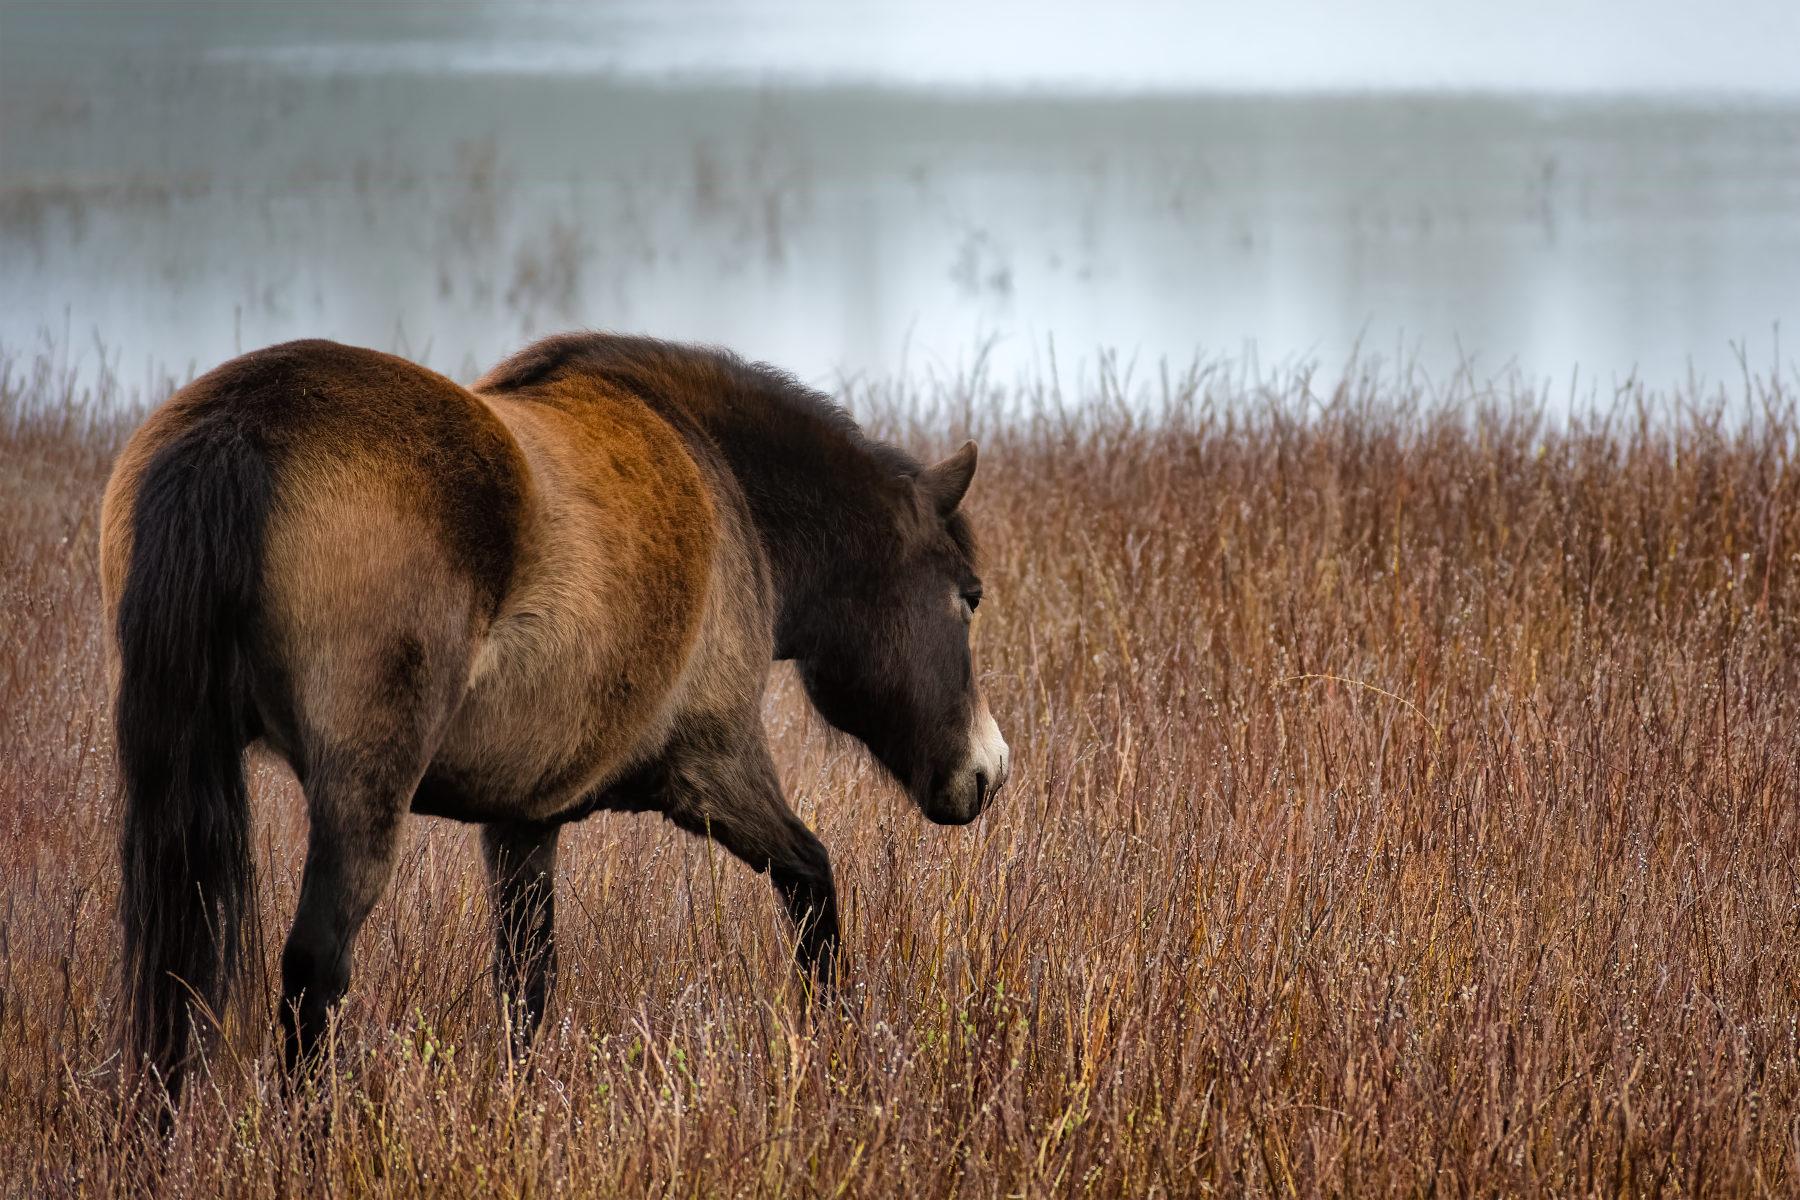 horse walking through bog myrtle along misty pond in winter